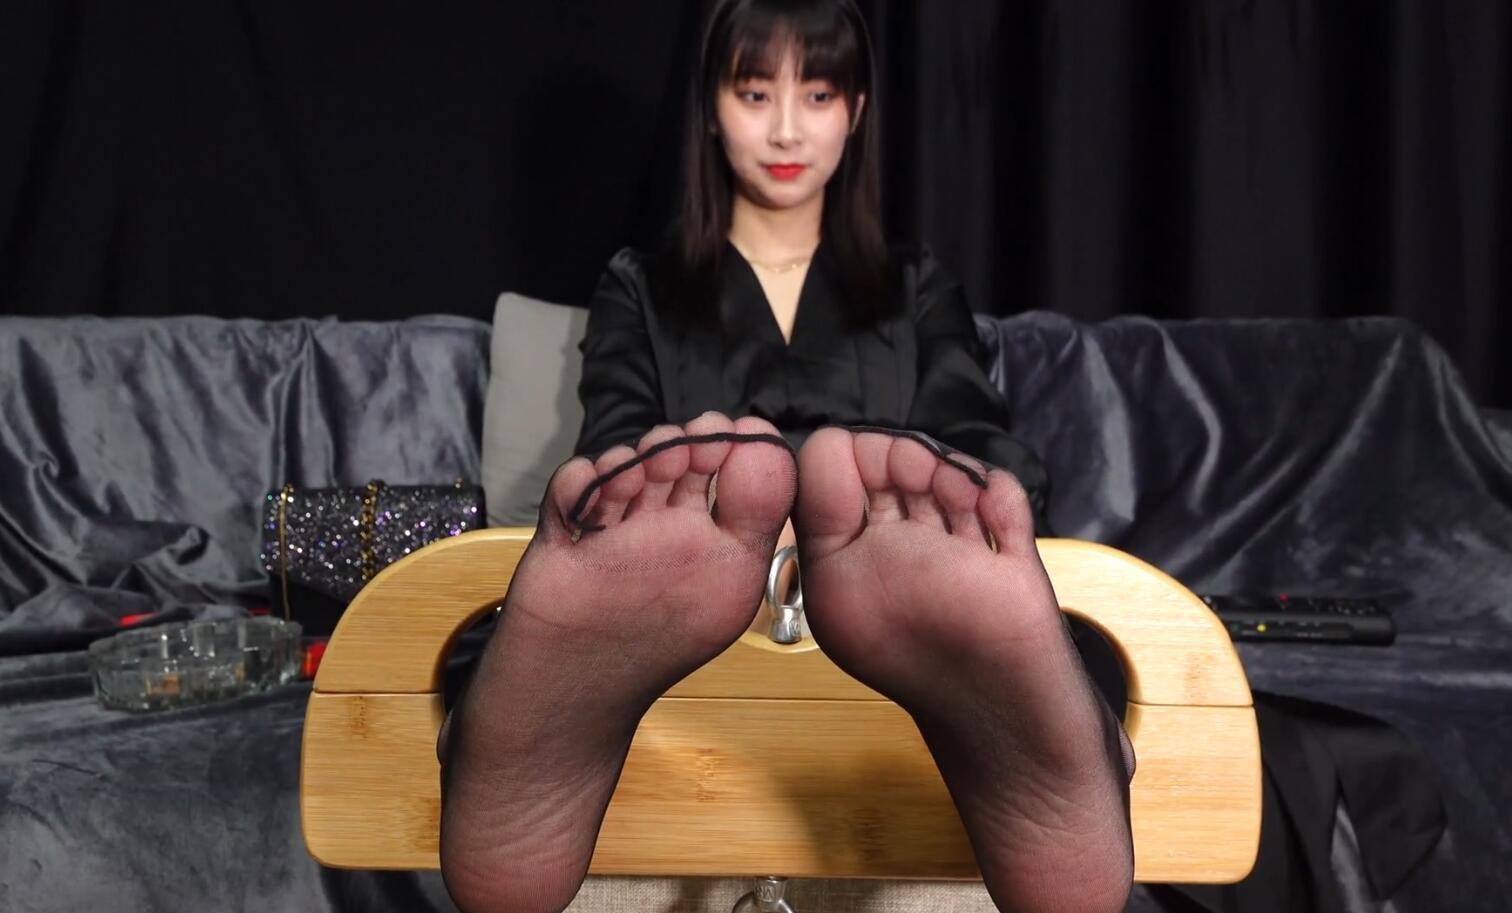 足控进来!看极品美女被摄影师挠脚心